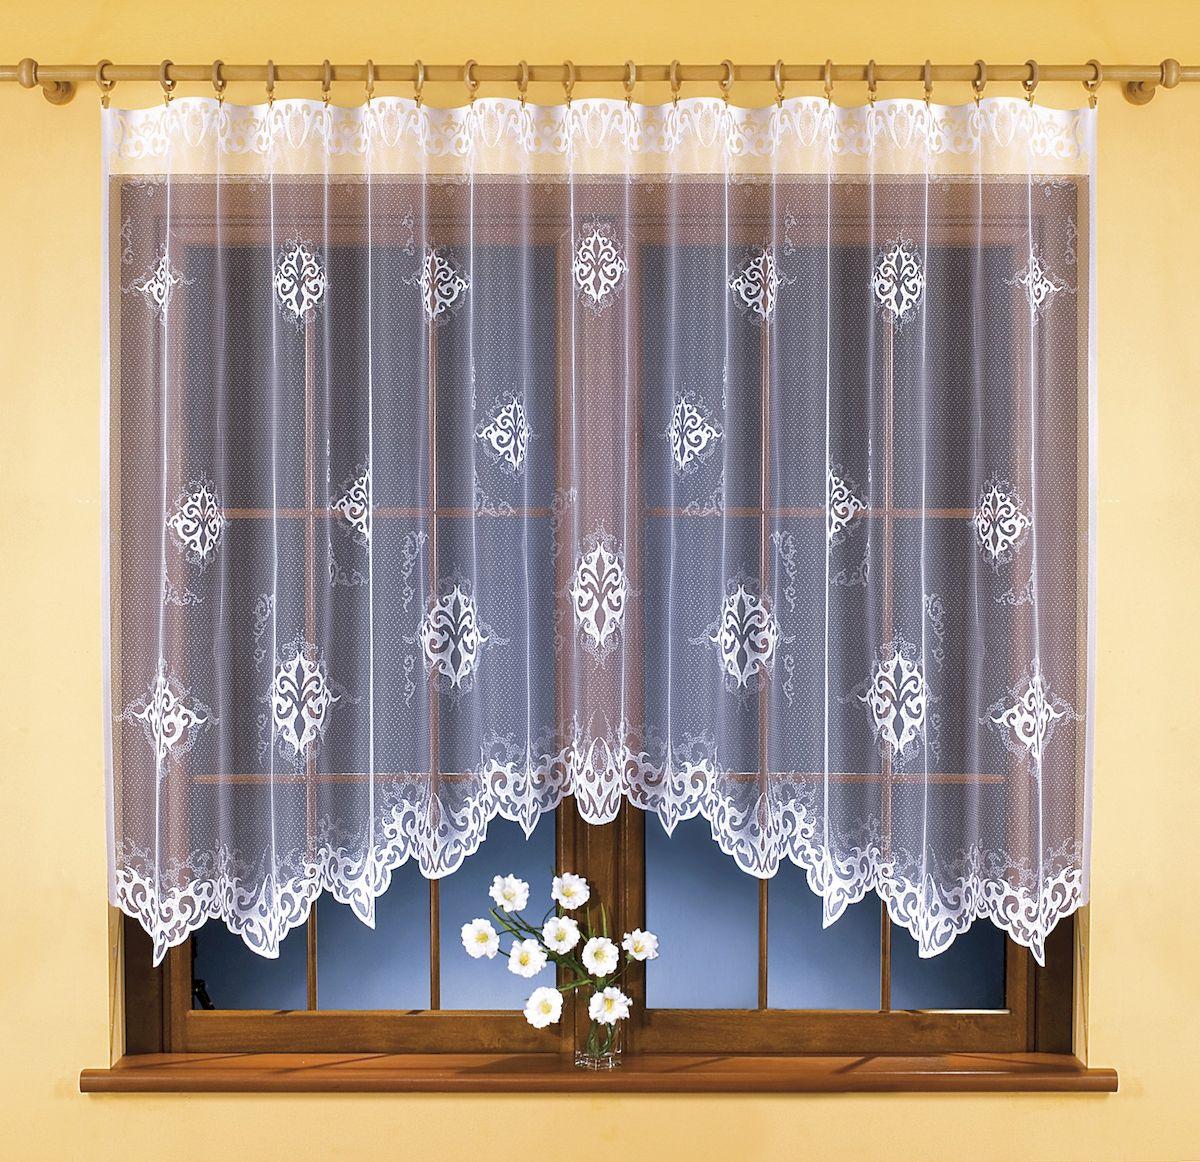 Гардина Wisan, цвет: белый, высота 150 см. 9853SVC-300Воздушная гардина-арка Wisan, изготовленная из 100% полиэстера, станет великолепным украшением любого окна. Изящный цветочный узор и текстура ткани привлекут к себе внимание и органично впишутся в интерьер комнаты. Оригинальное оформление гардины внесет разнообразие и подарит заряд положительного настроения.Крепится при помощи шторной ленты.